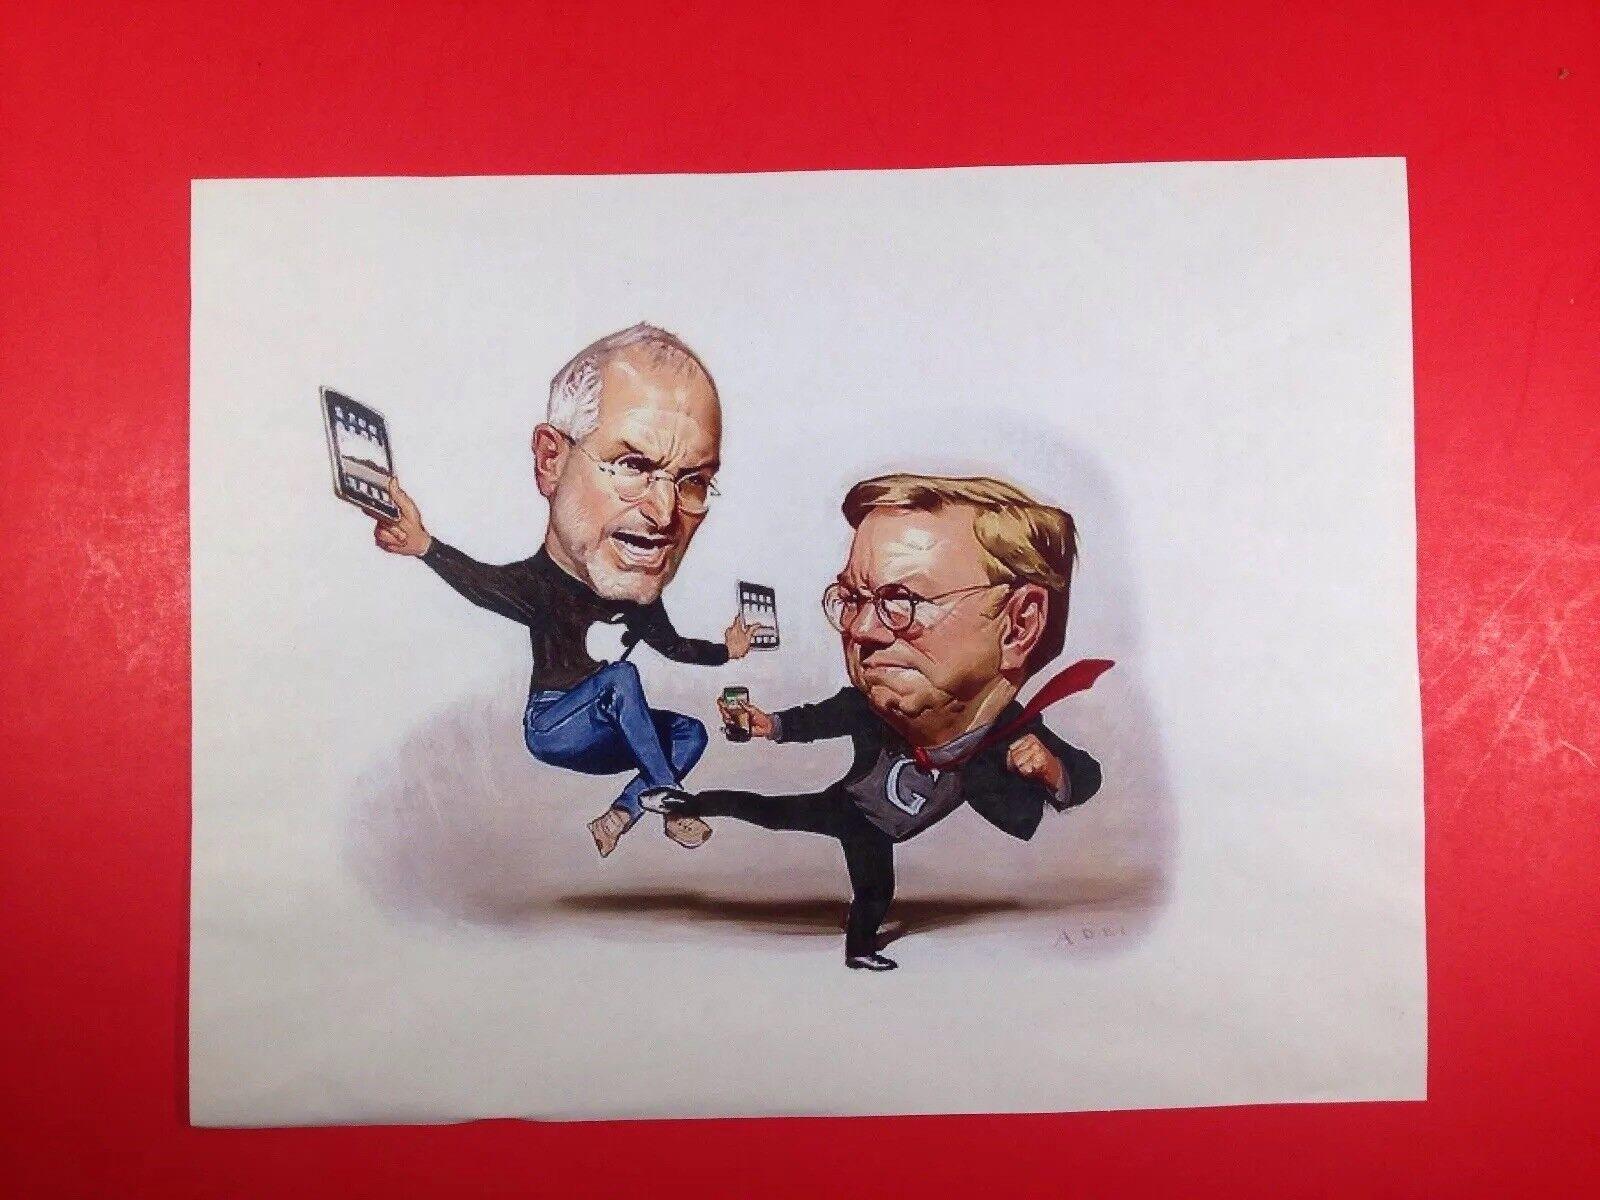 Steve Jobs fights Bill Gates Print. ApÃle vs Microsoft. Daniel Adel, NY Times